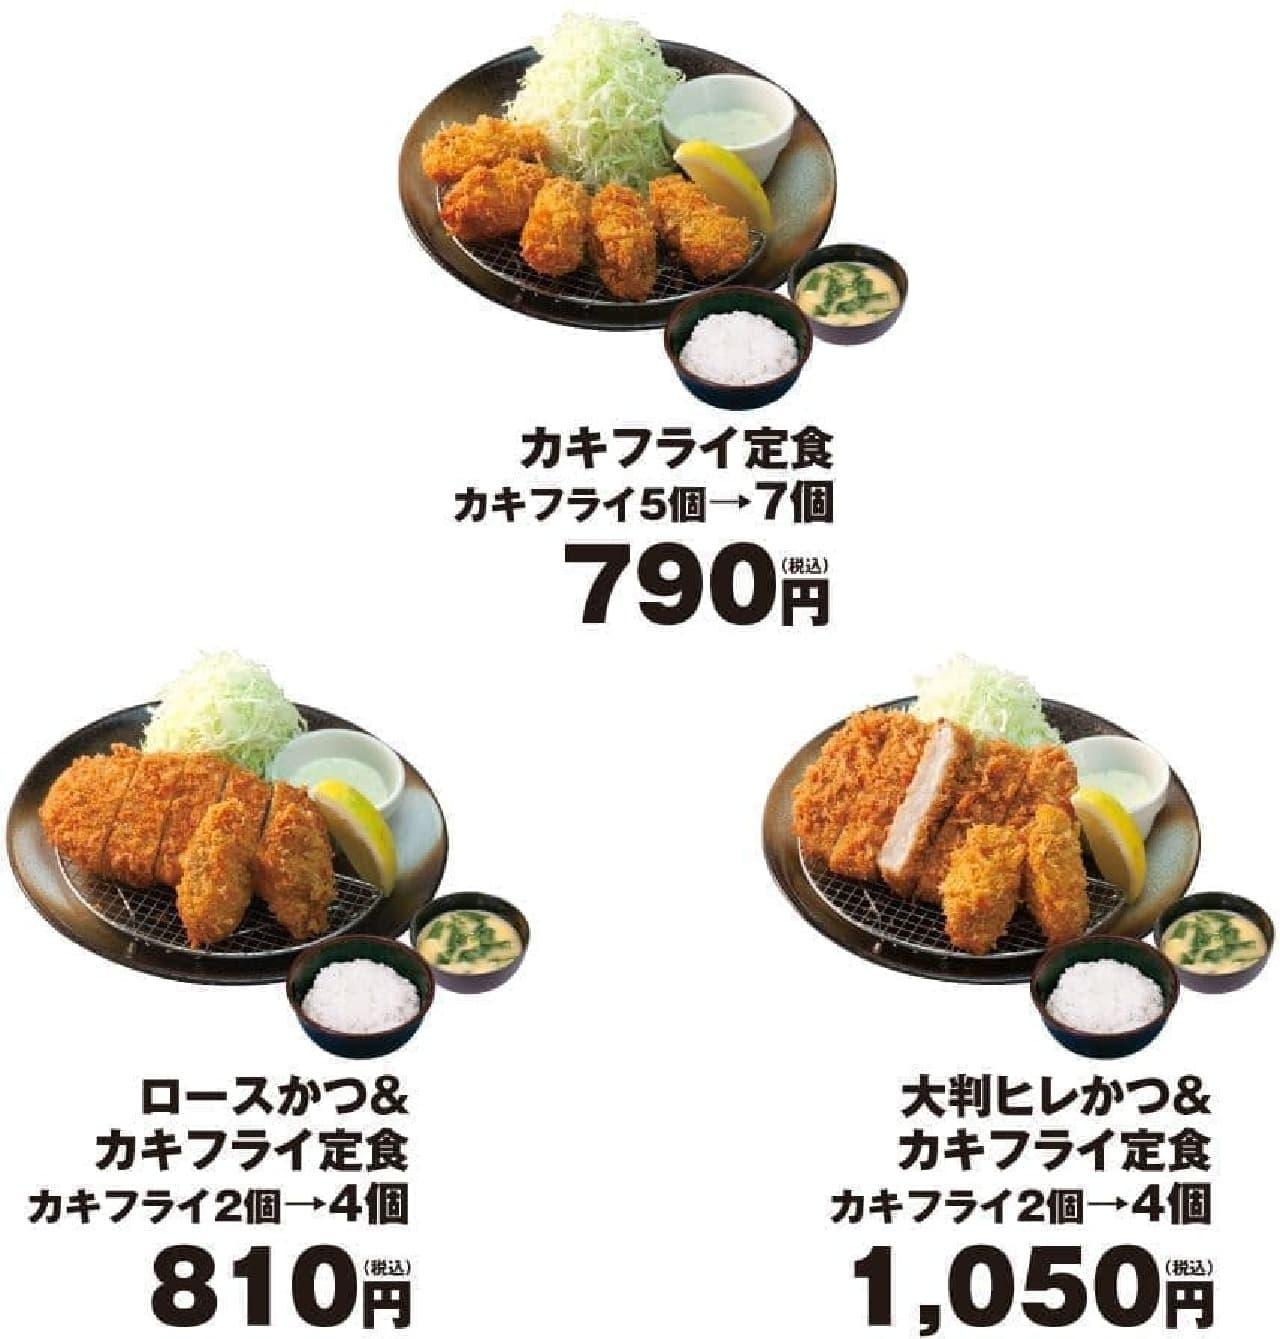 松のや「カキフライ増量キャンペーン」